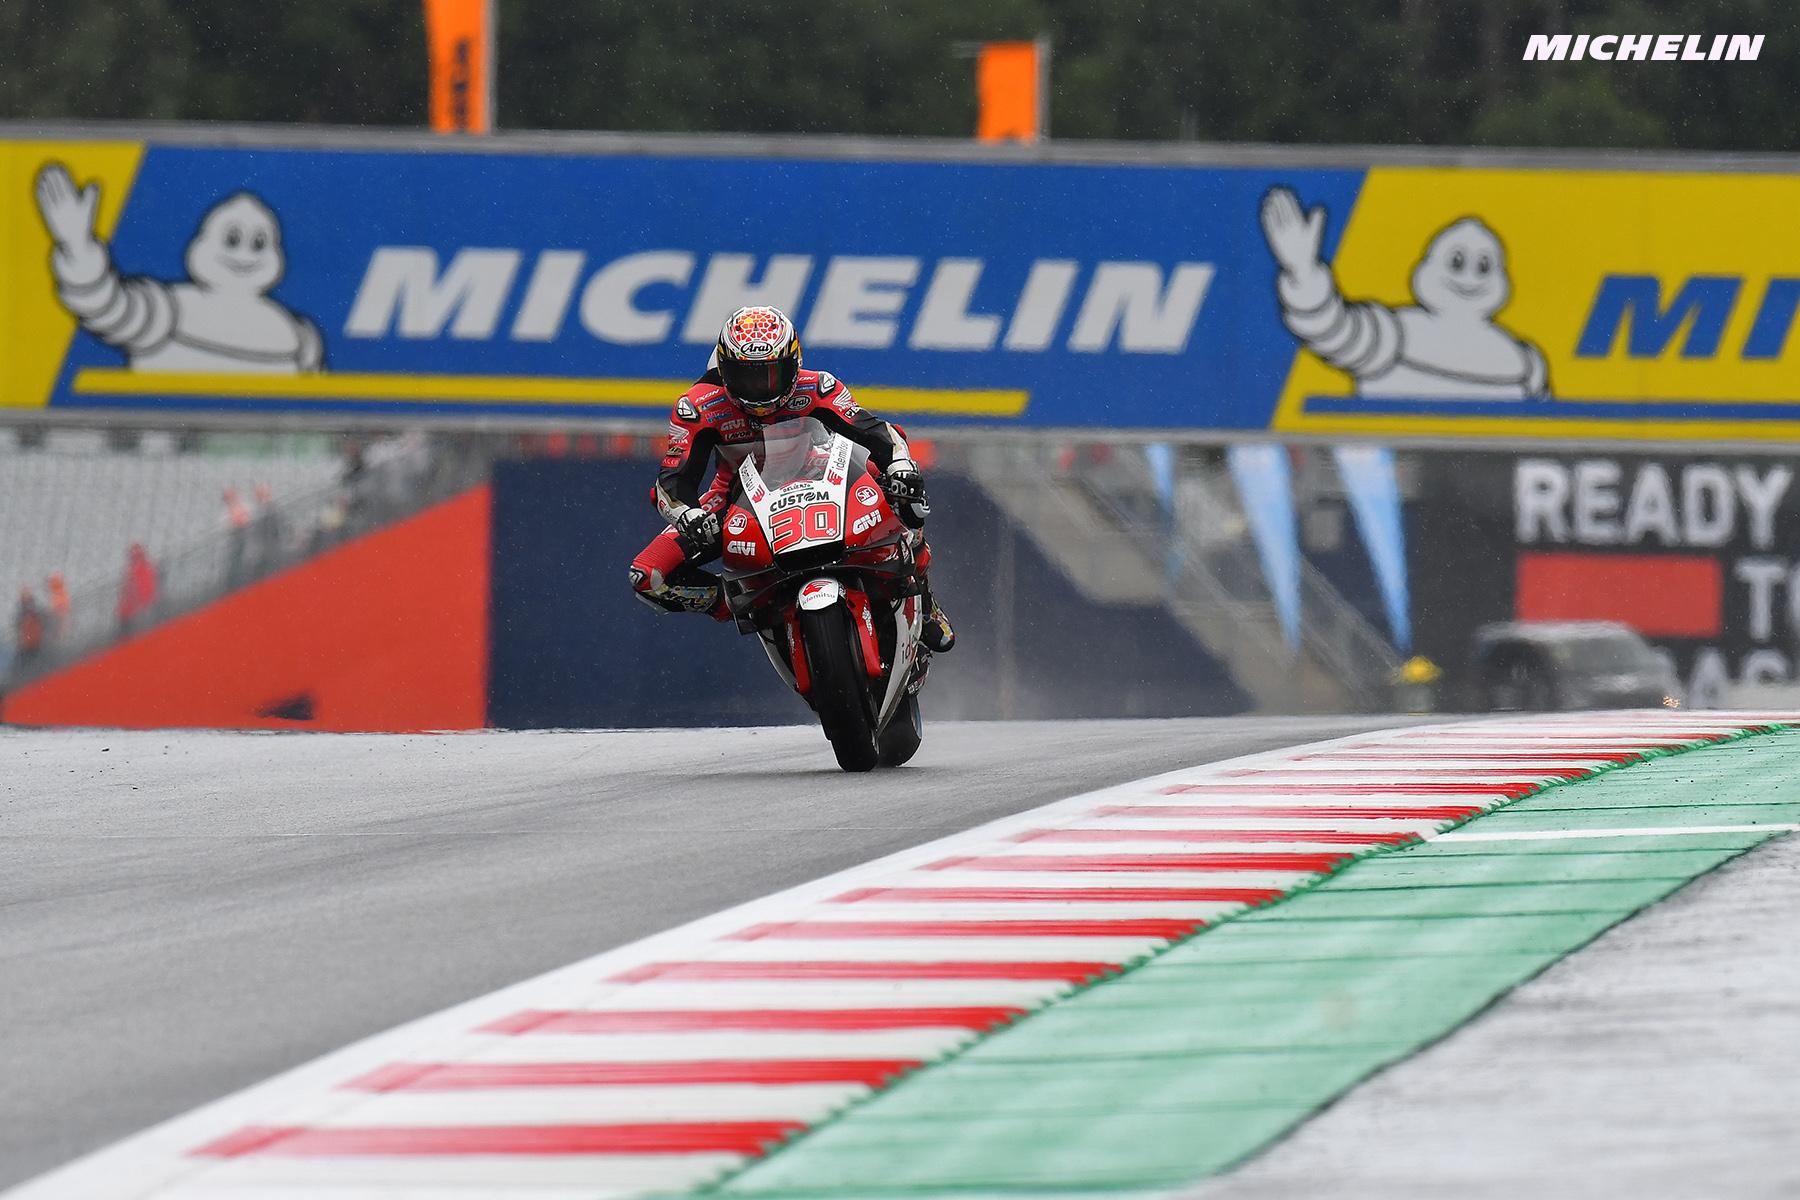 MotoGP2021 初日総合1位 中上 貴晶「FP1の結果は驚いた」